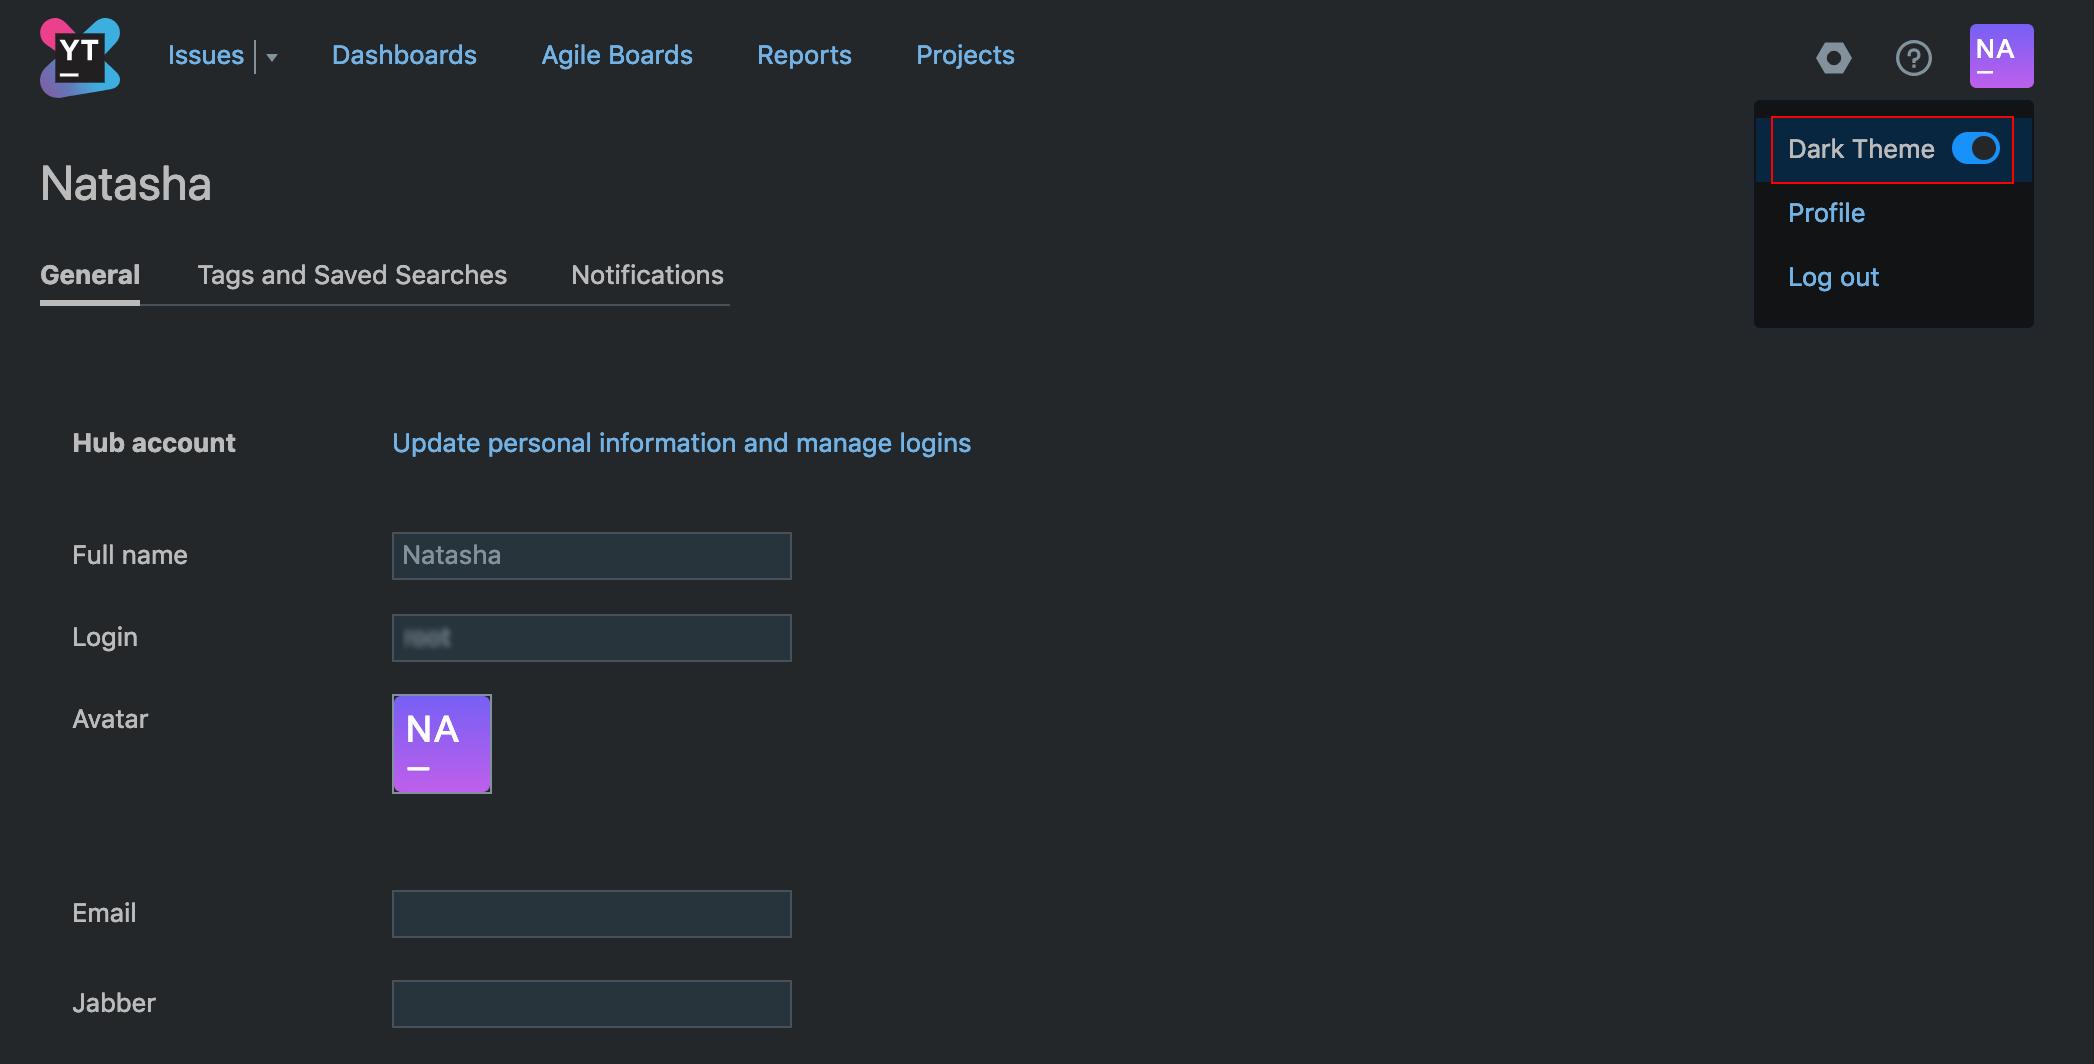 YouTrack 2019.1: избранные Agile-доски, настраиваемые поля для карточек на Agile-досках и многое другое - 6